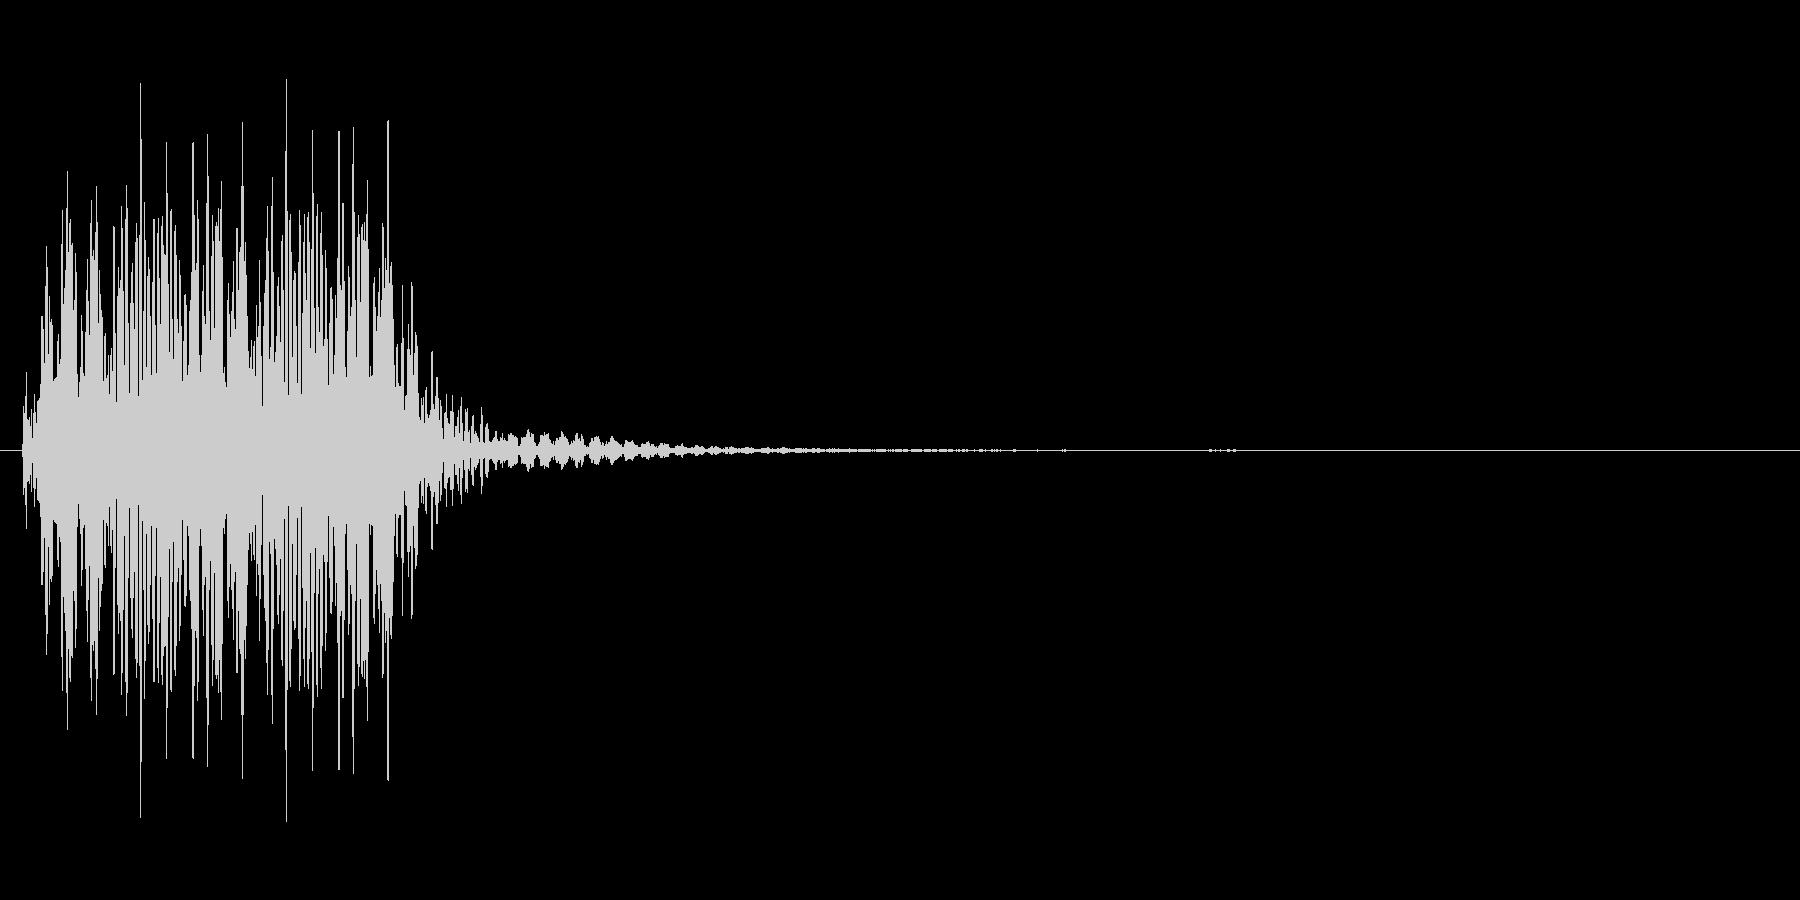 尻尾を振るようなカートゥーン系効果音の未再生の波形